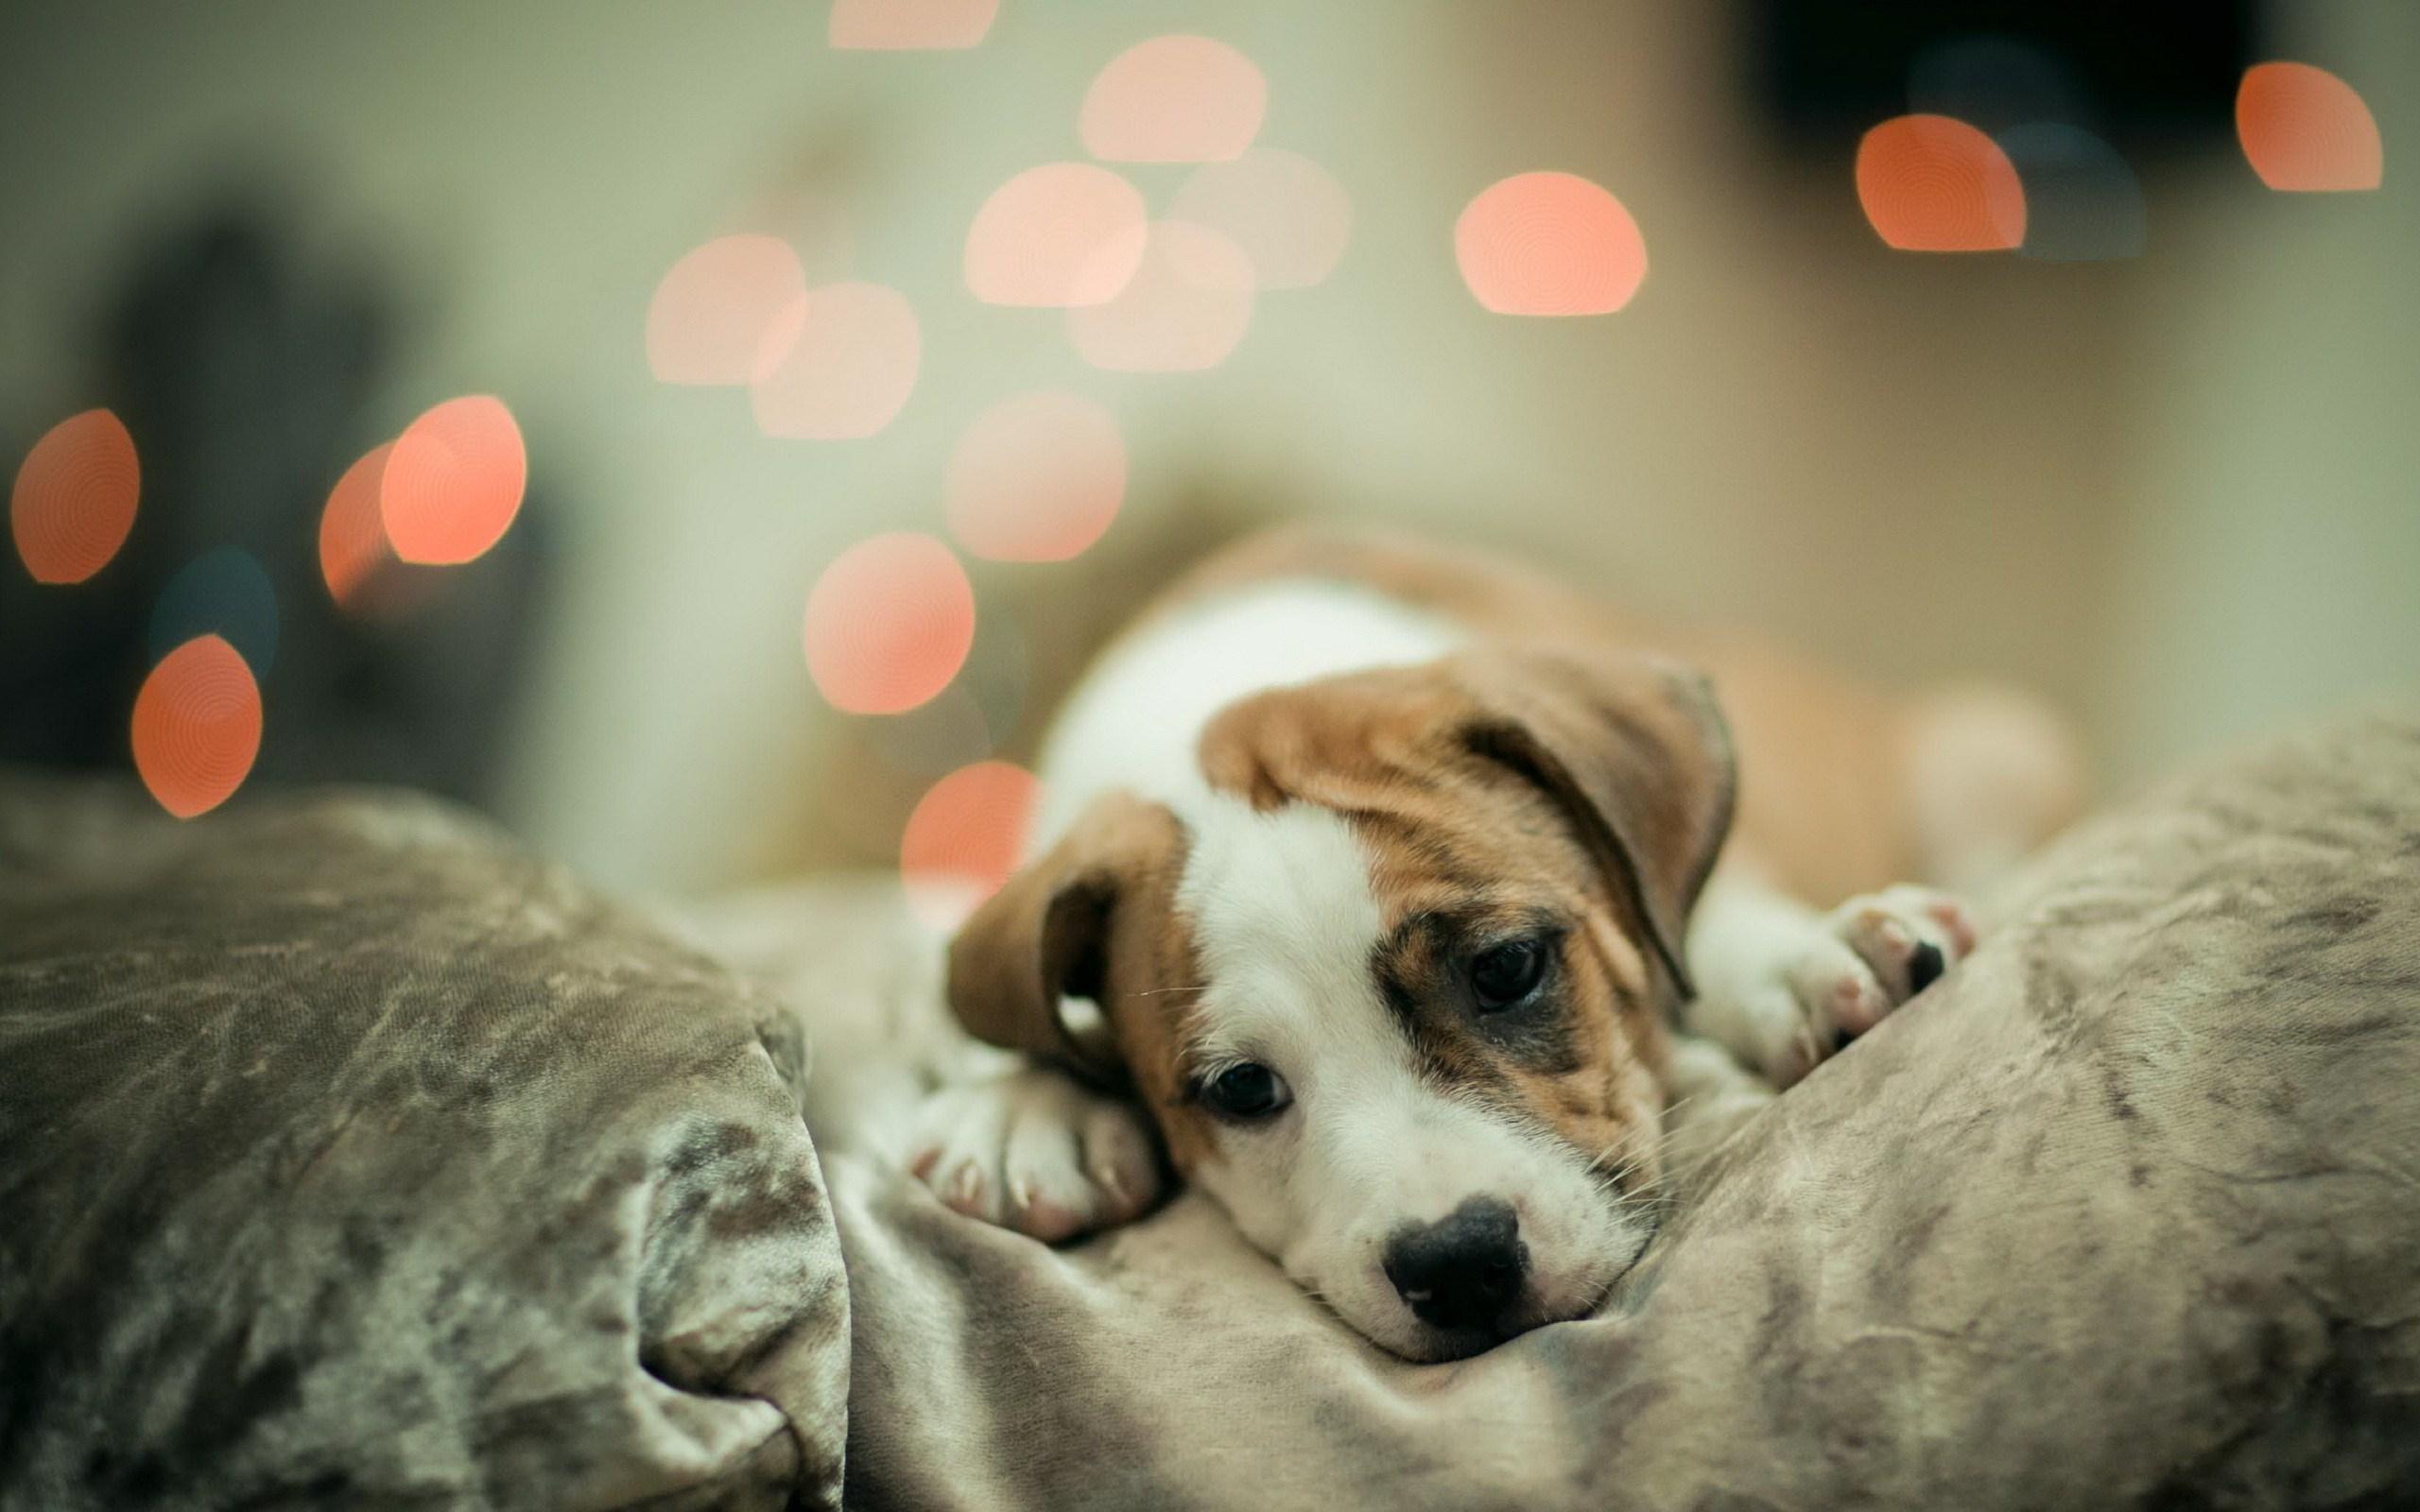 Cute Puppy Wallpaper Windows Mode